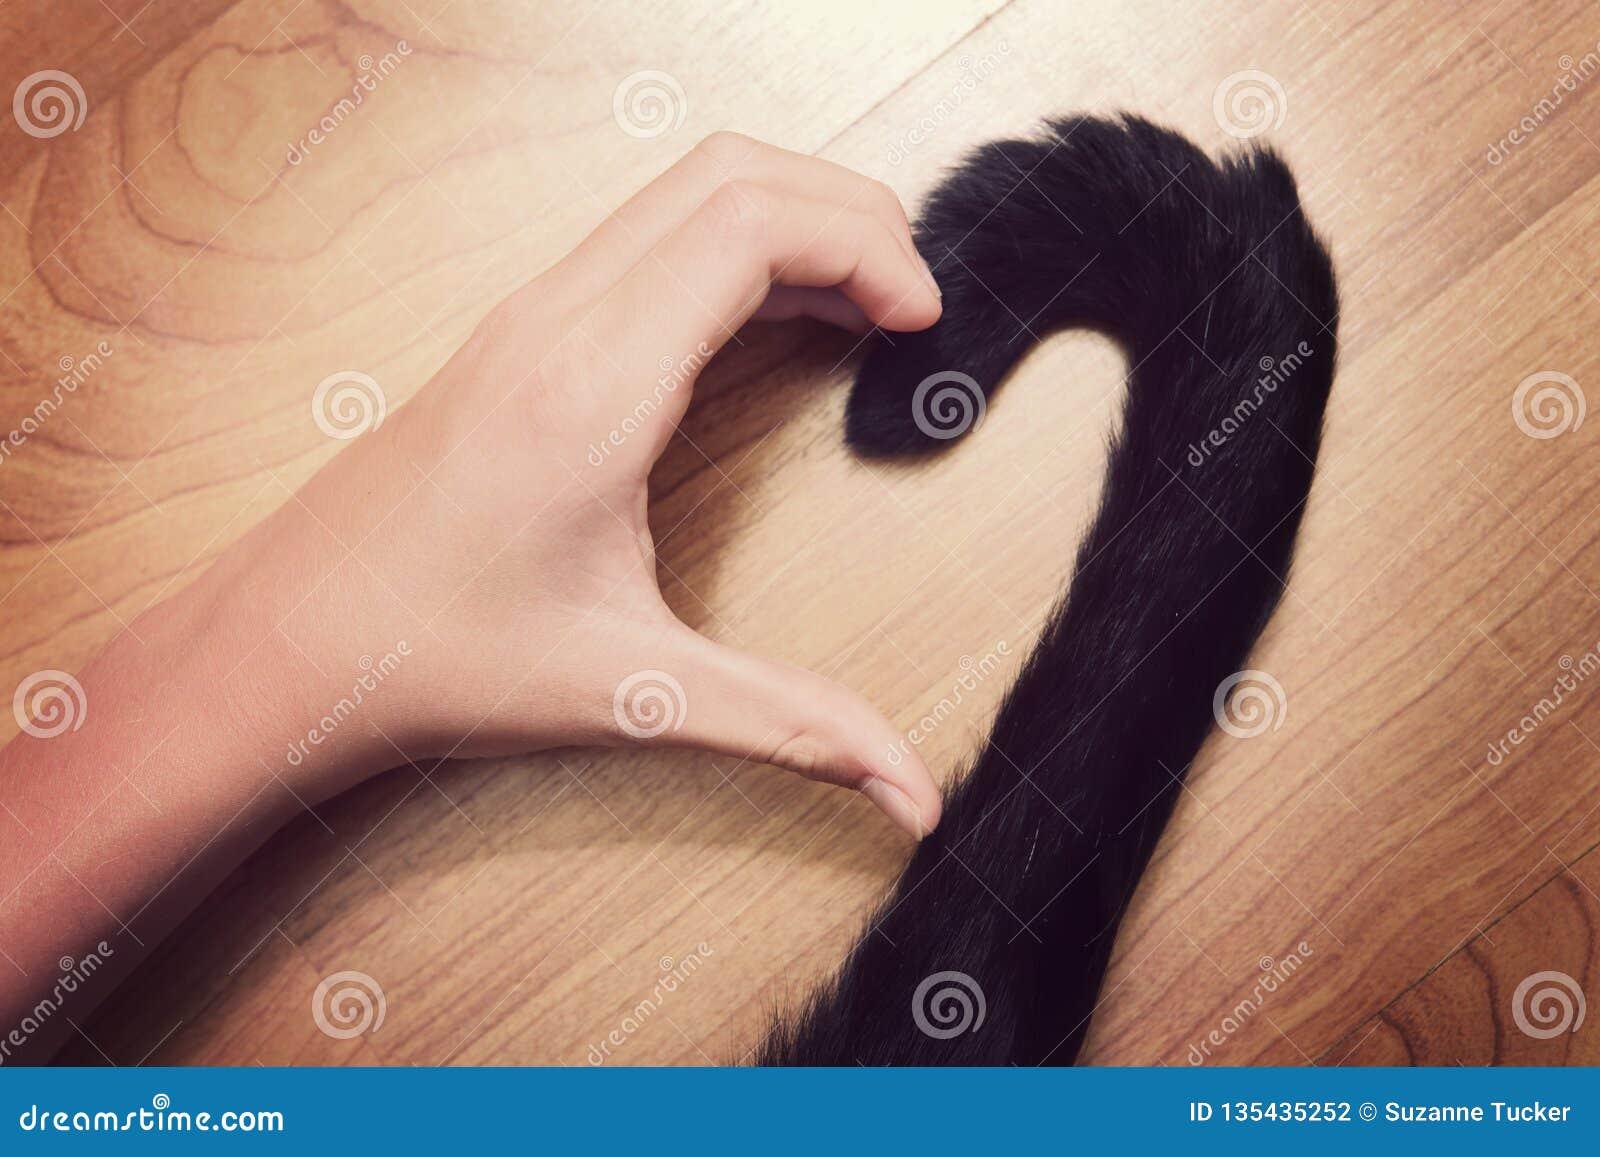 La mano e una stancia della persona che fa una forma del cuore